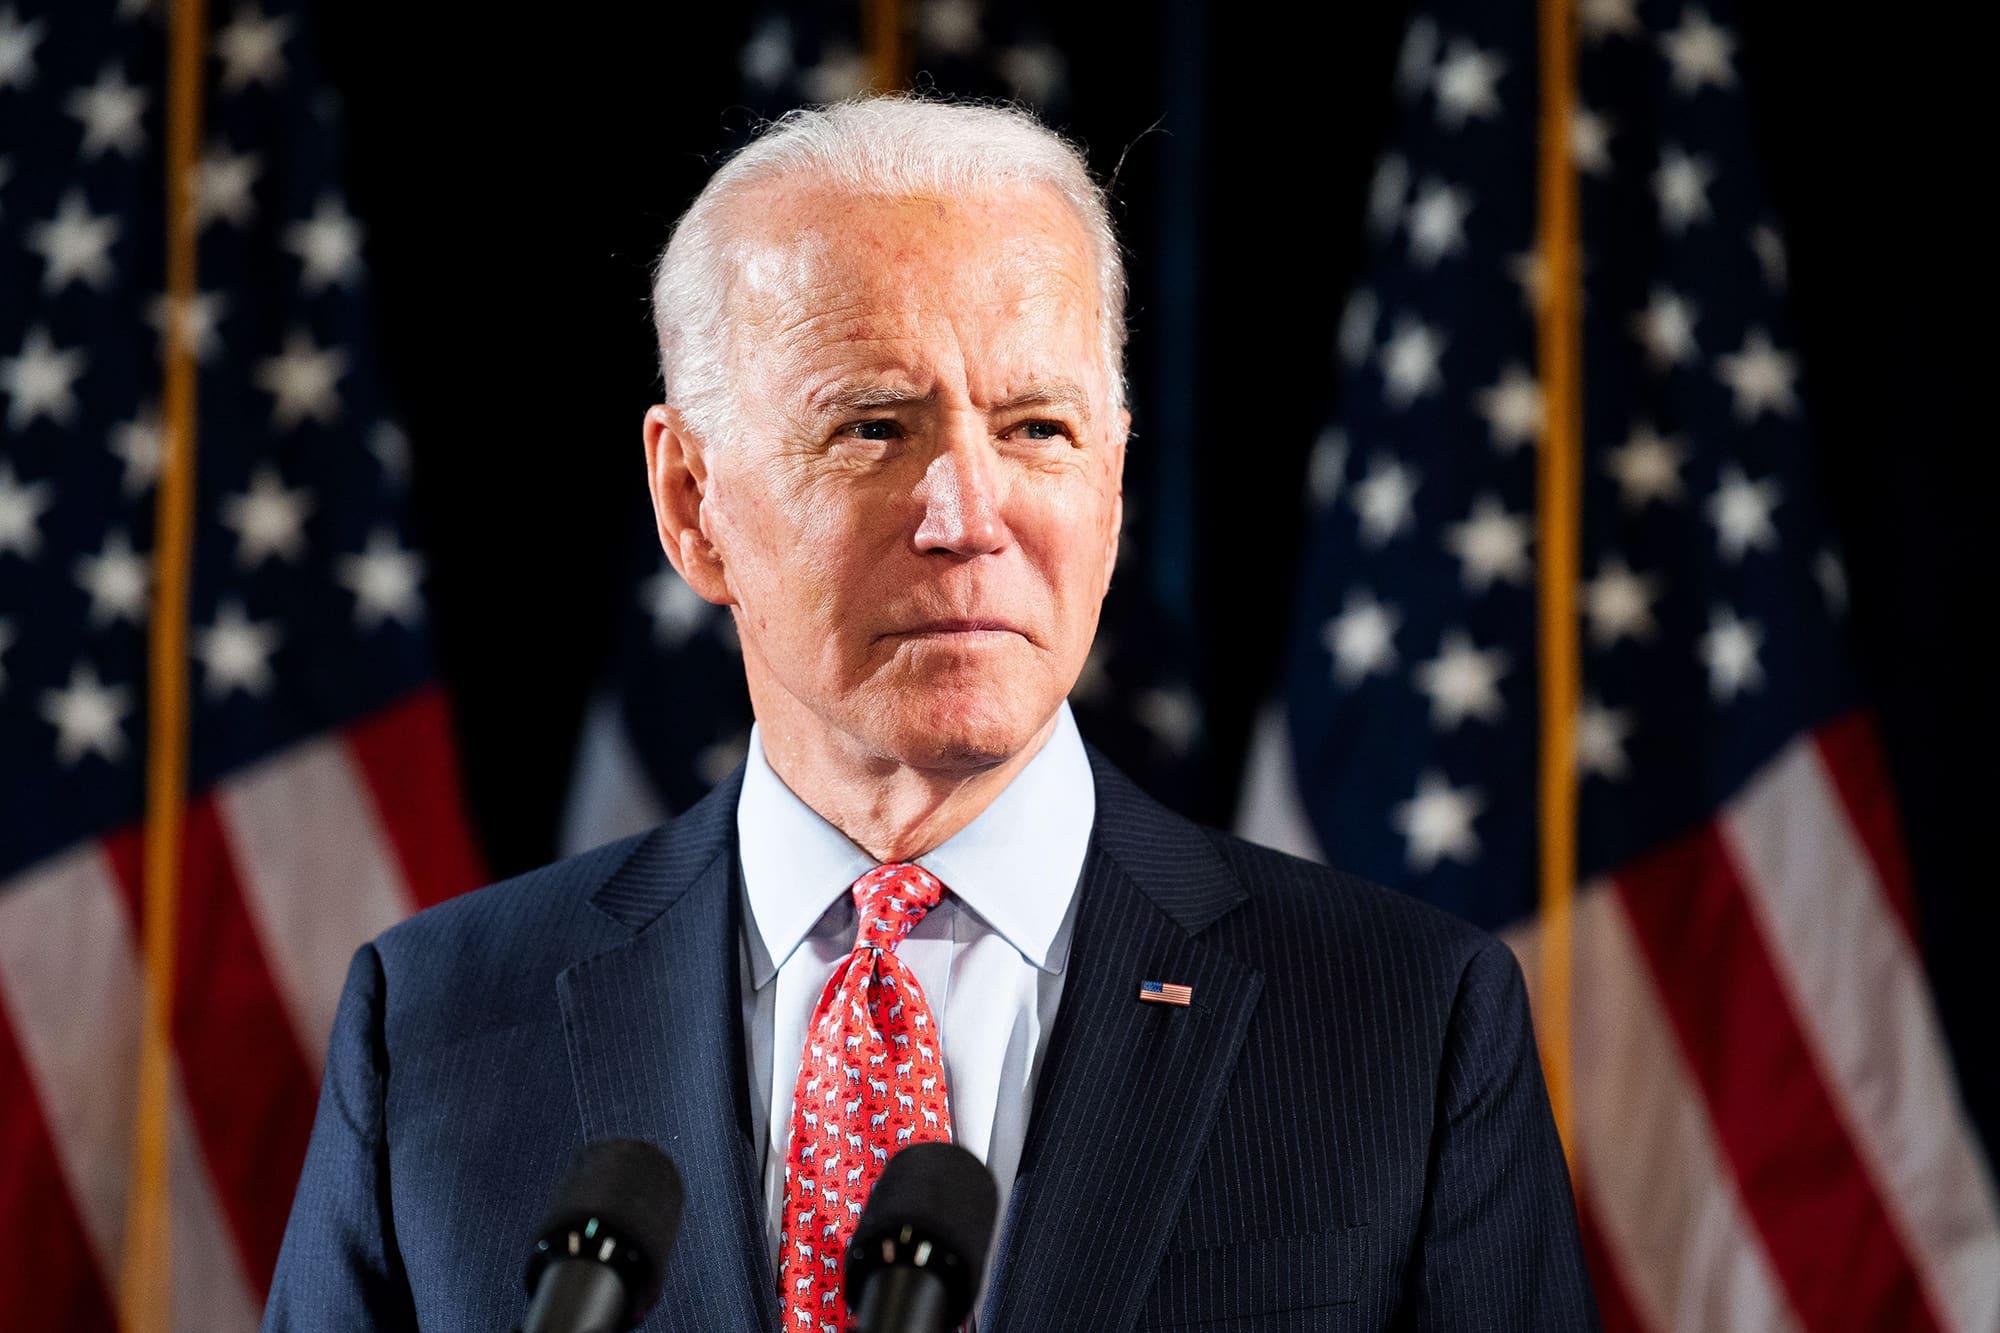 Presidenttiehdokas Joe Biden